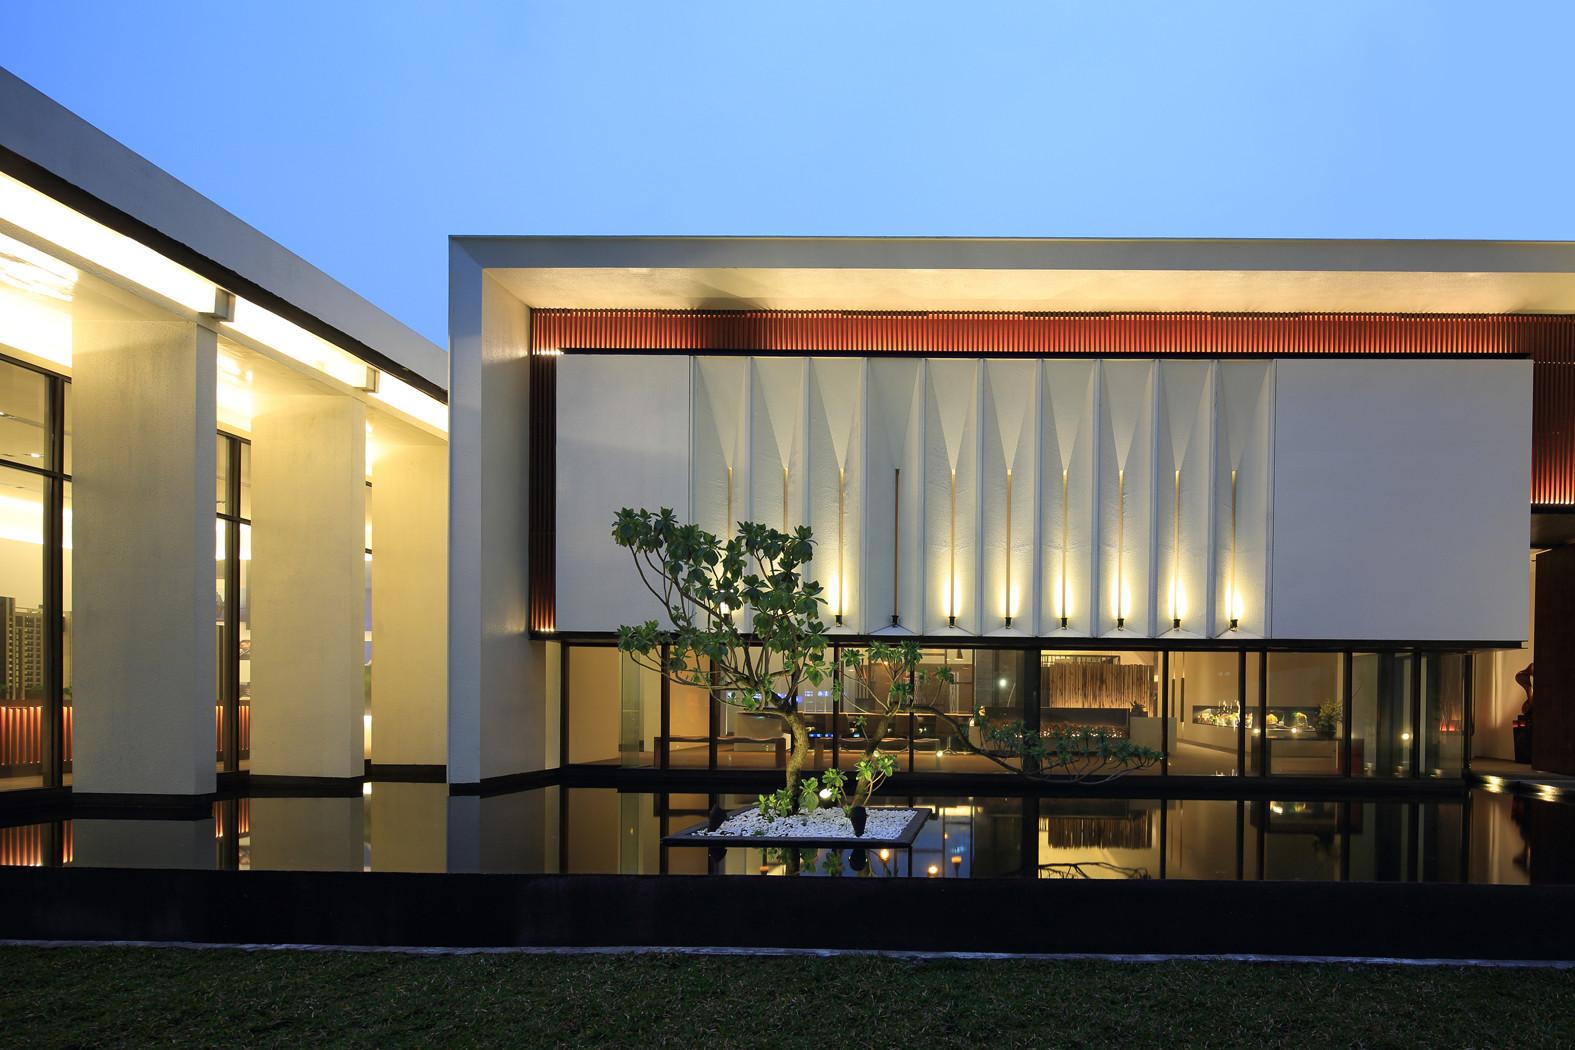 Exquisite Minimalist Arcadian Architecture Design